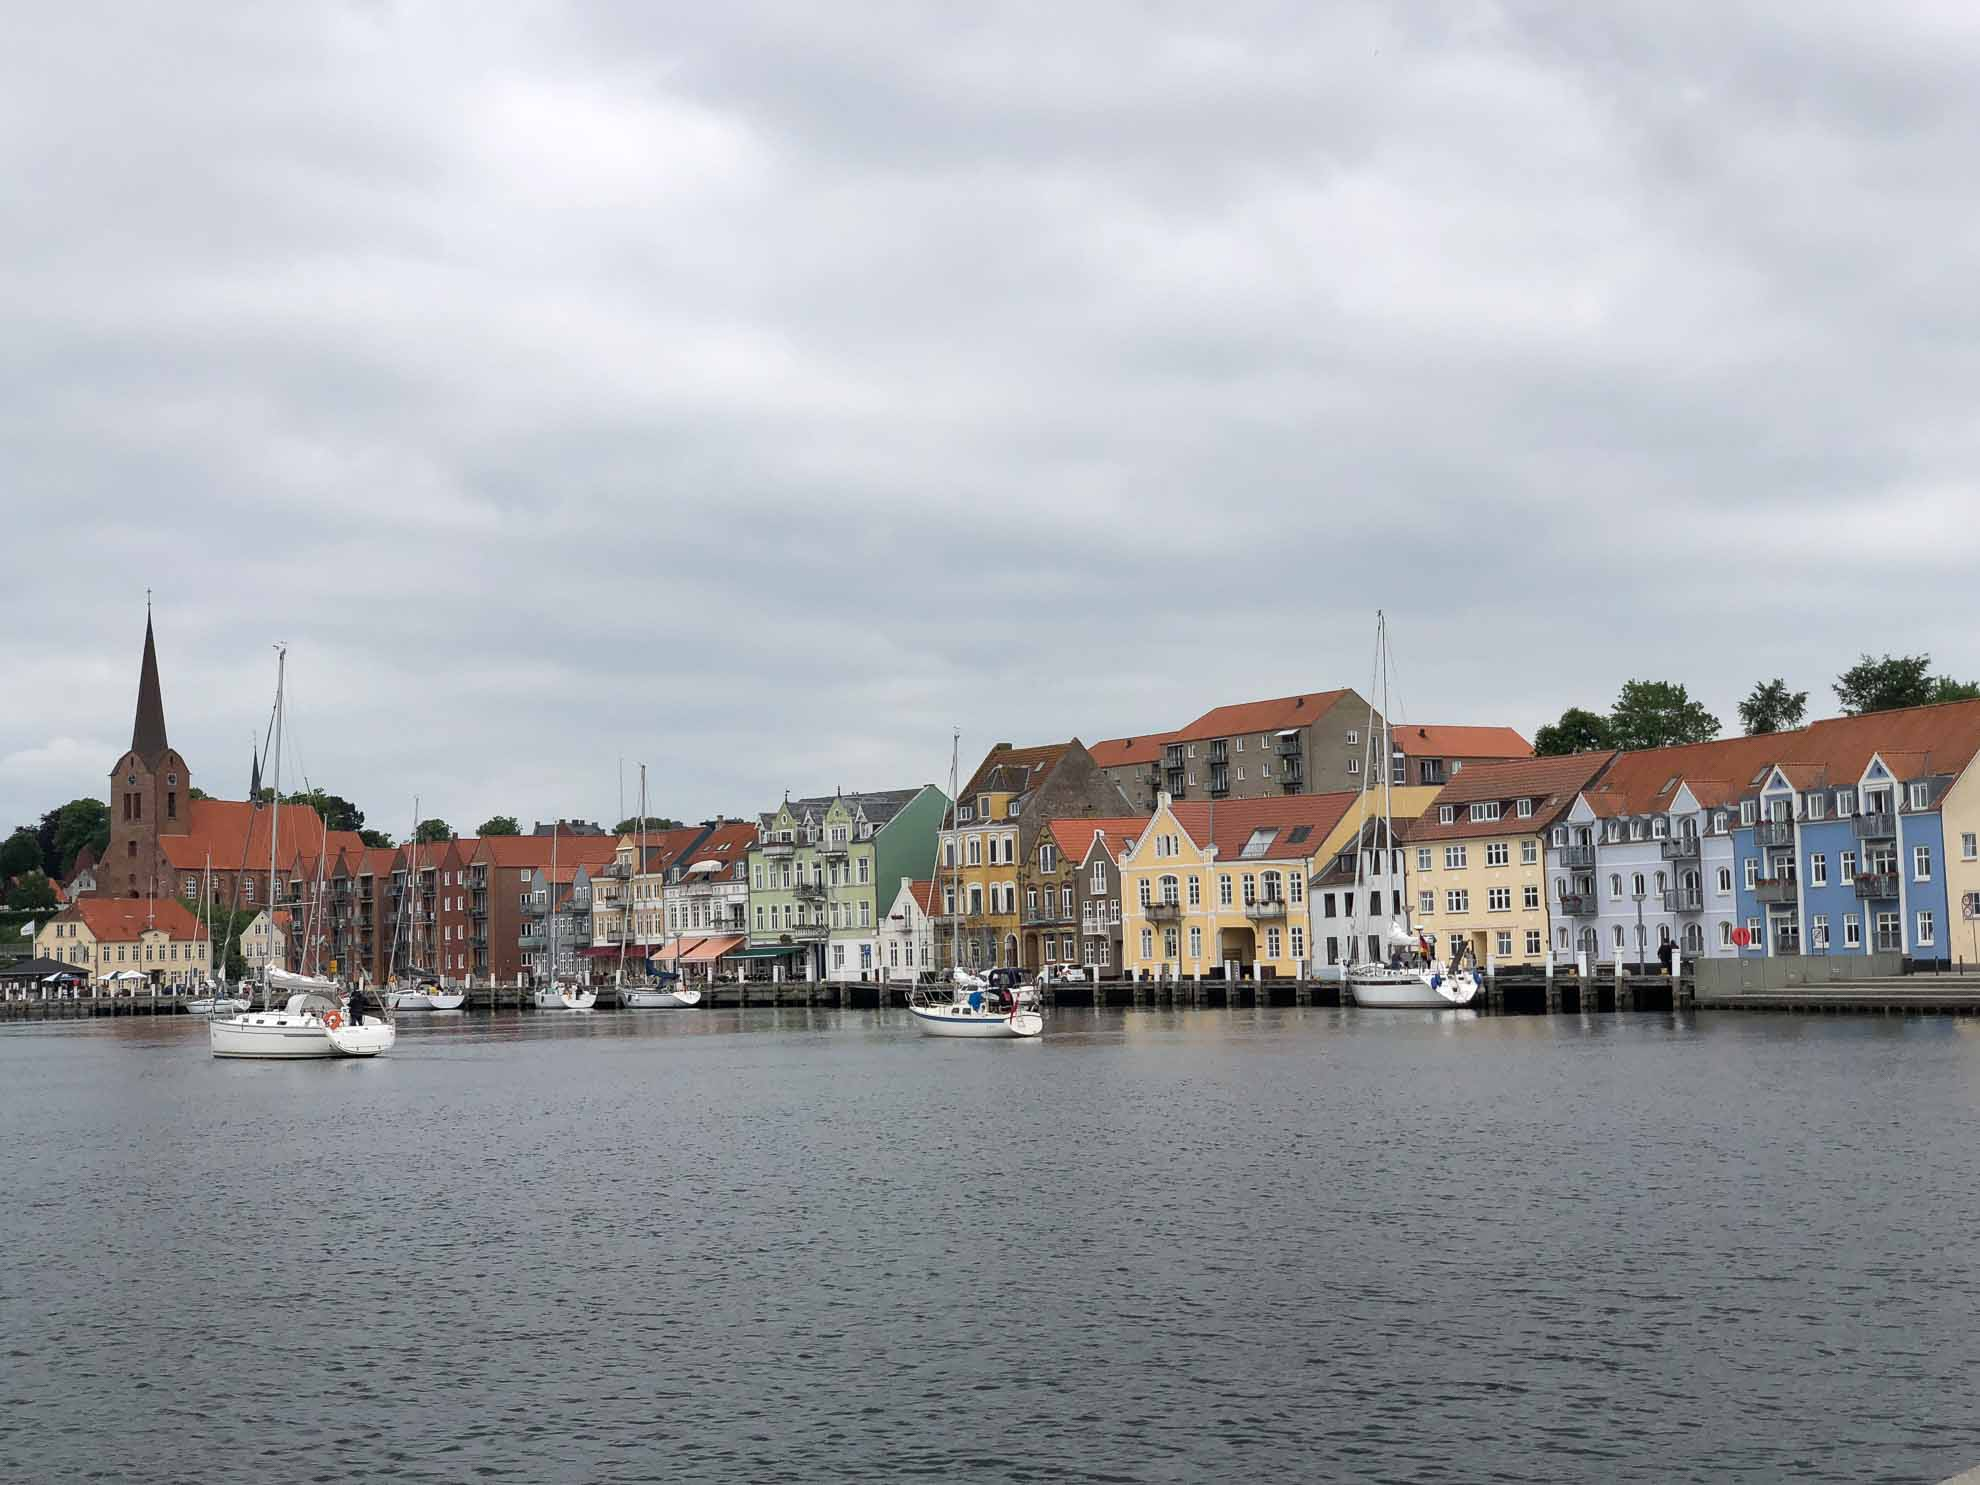 Direkt vor den bunten Häusern am Eingang zum Als Fjord können Yachten in Sønderburg anlegen.